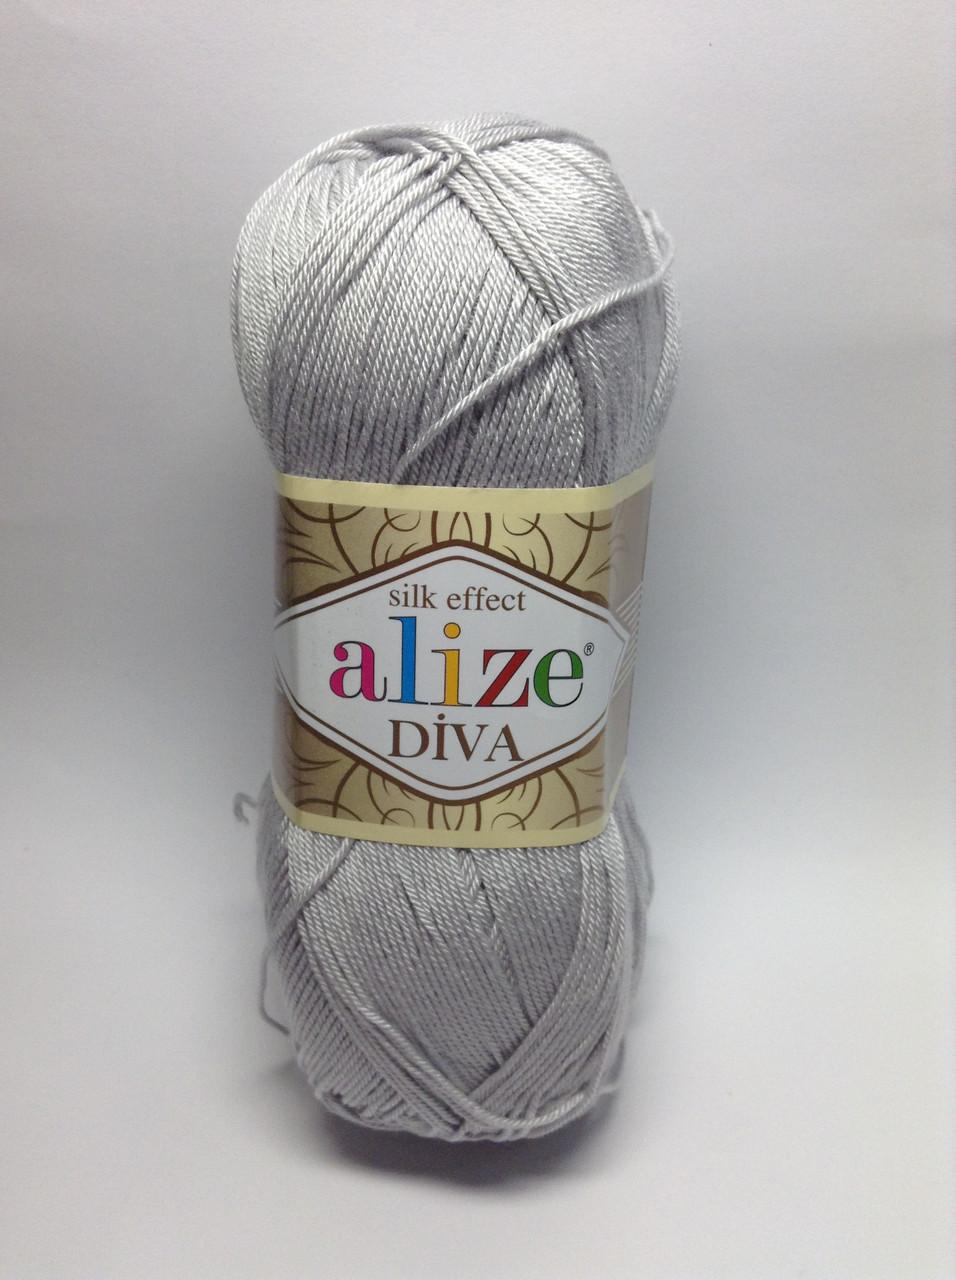 Пряжа diva - цвет серый